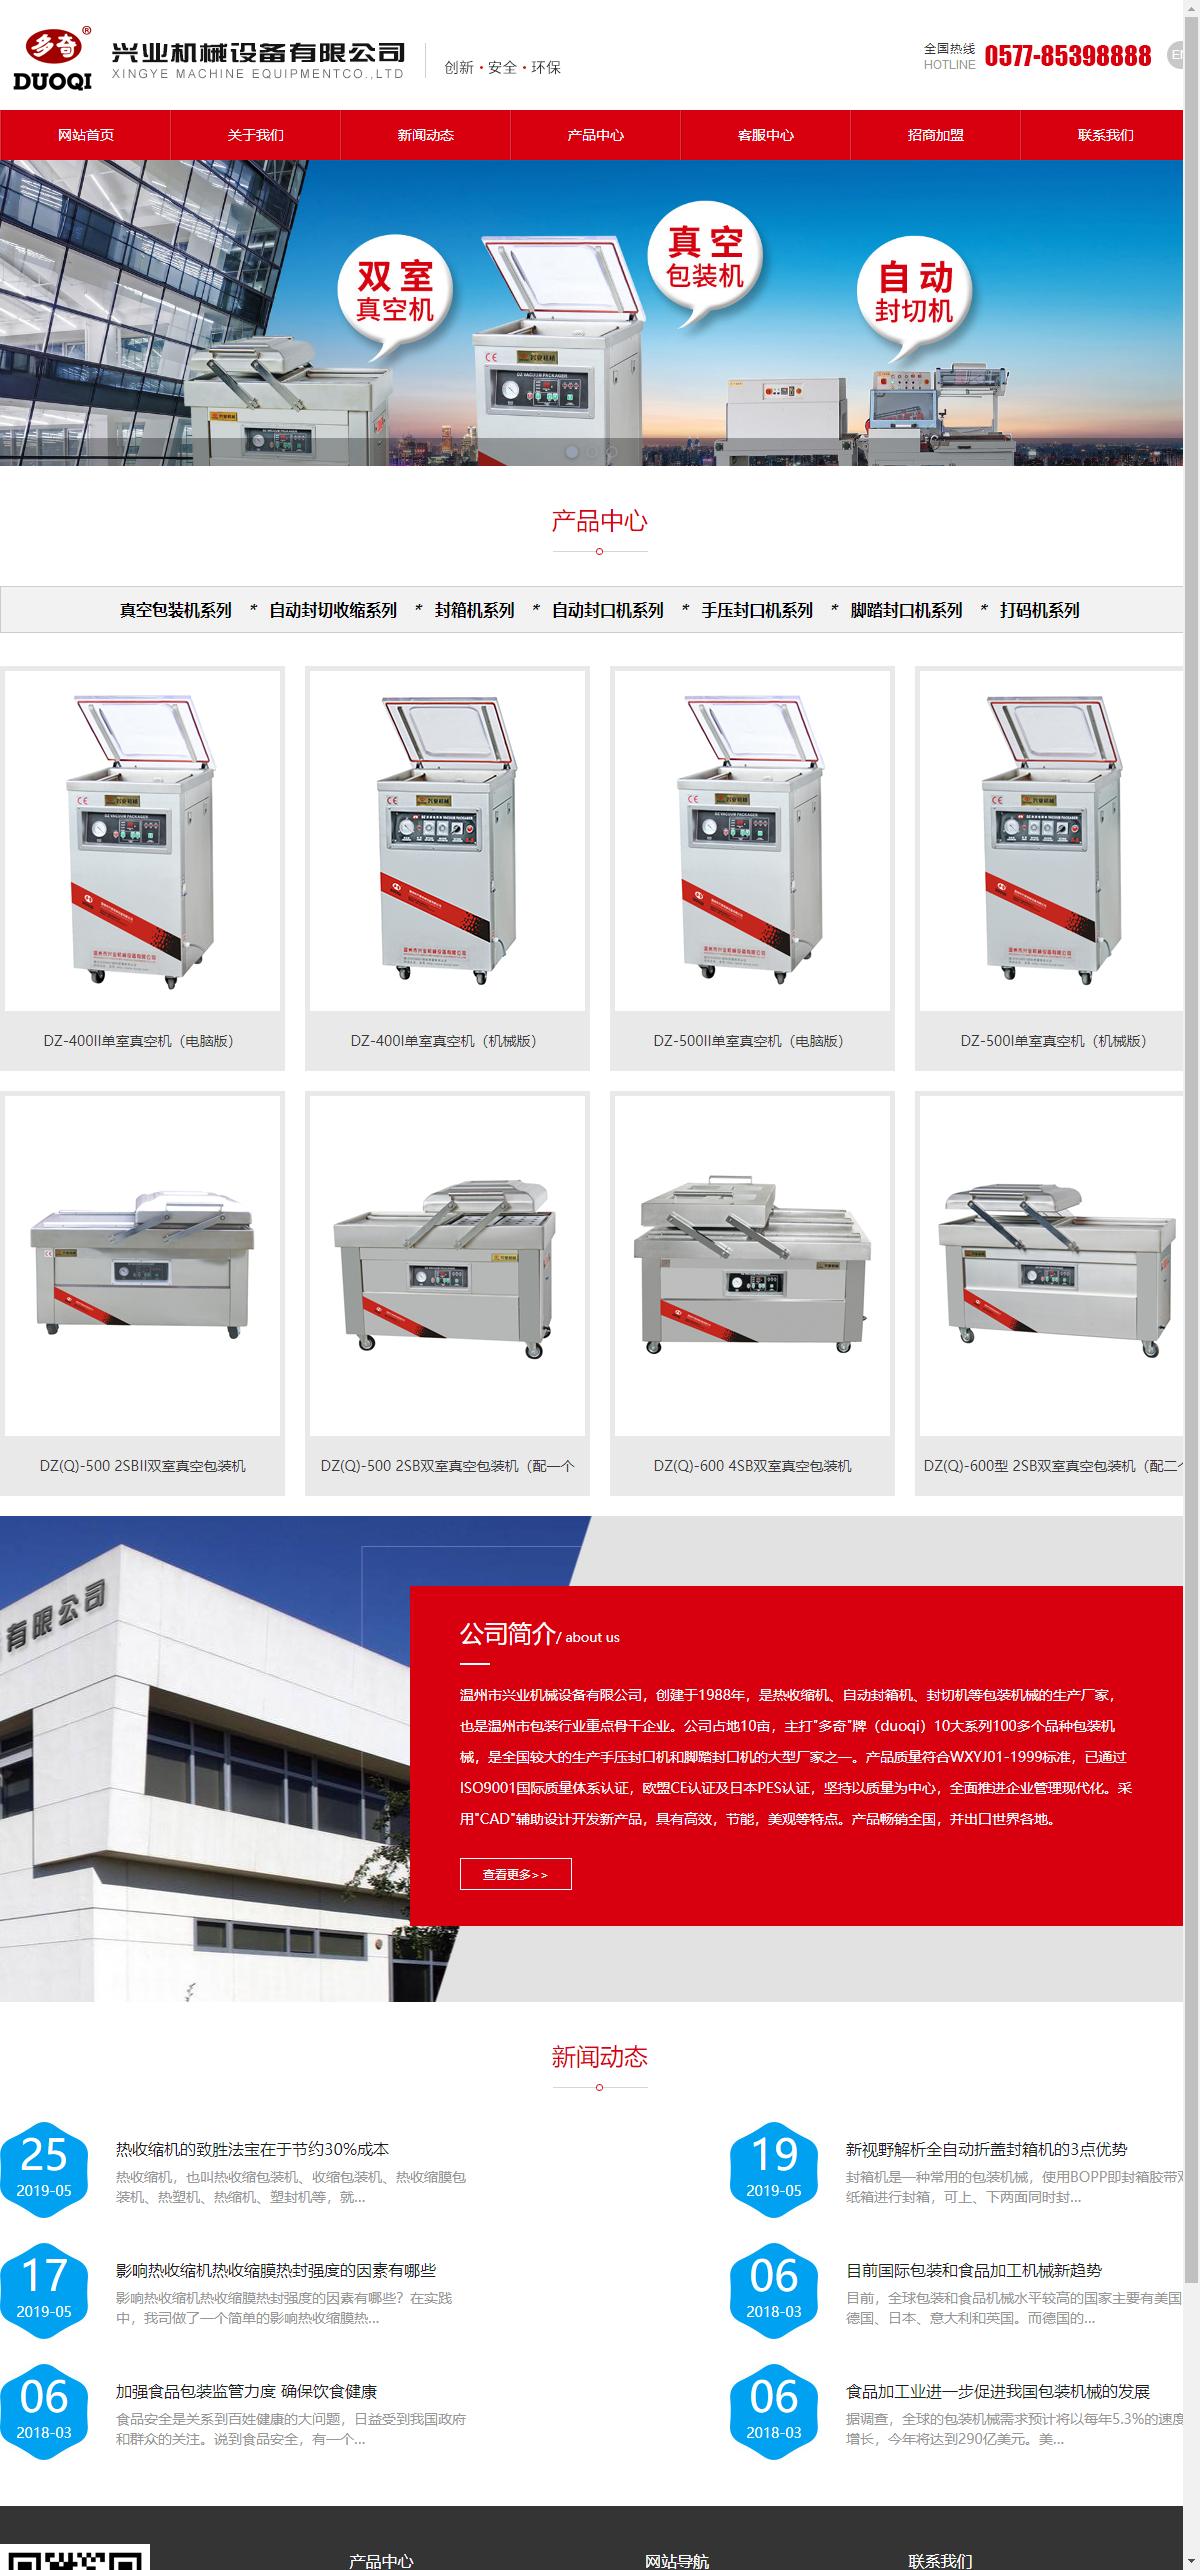 温州市兴业机械设备有限公司网站案例